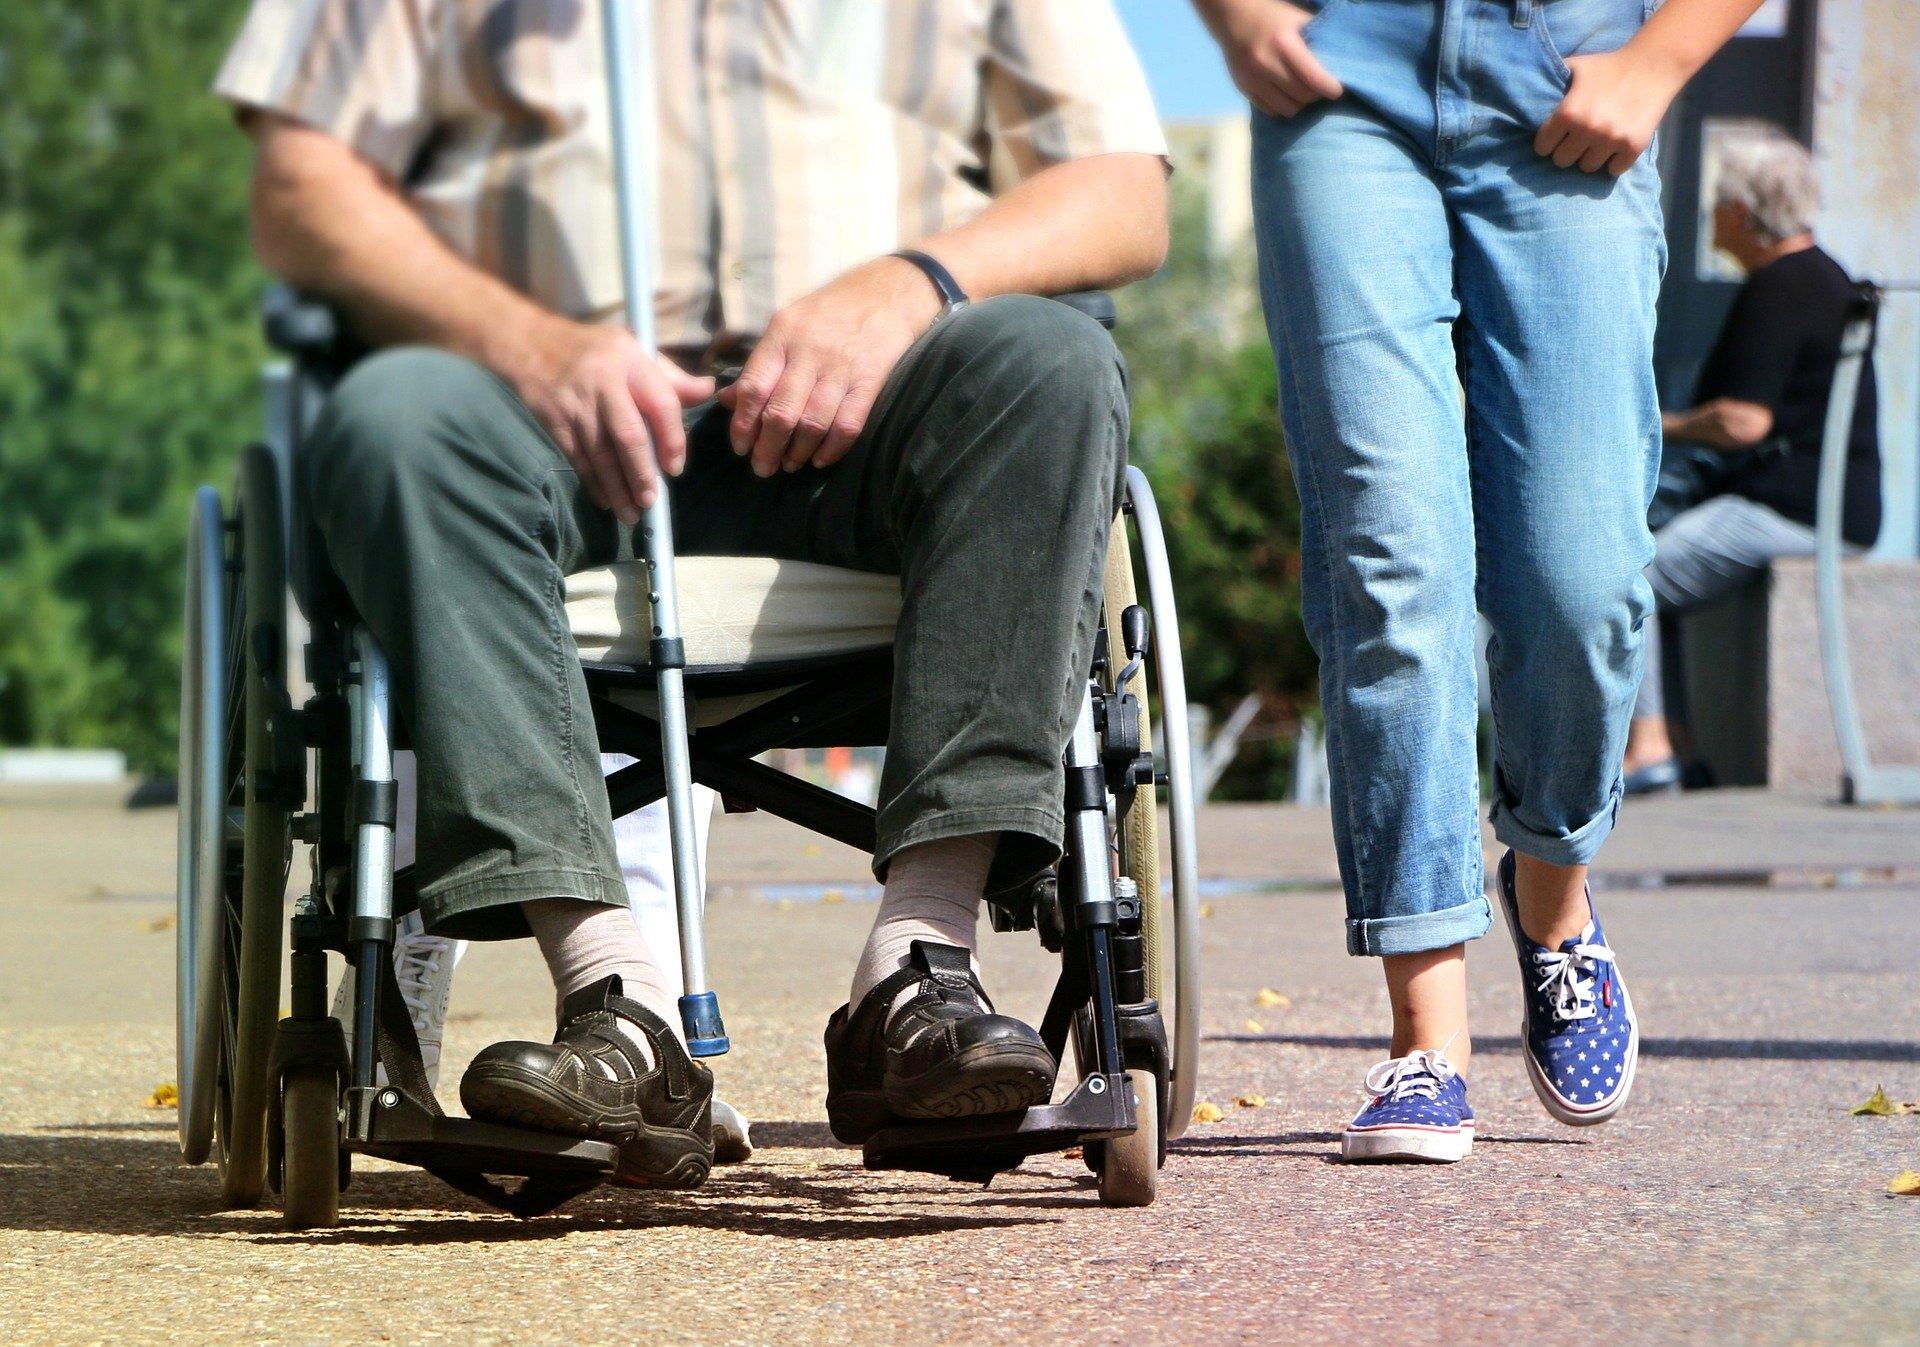 Burmistrz uruchomił numer dla seniorów i niepełnosprawnych